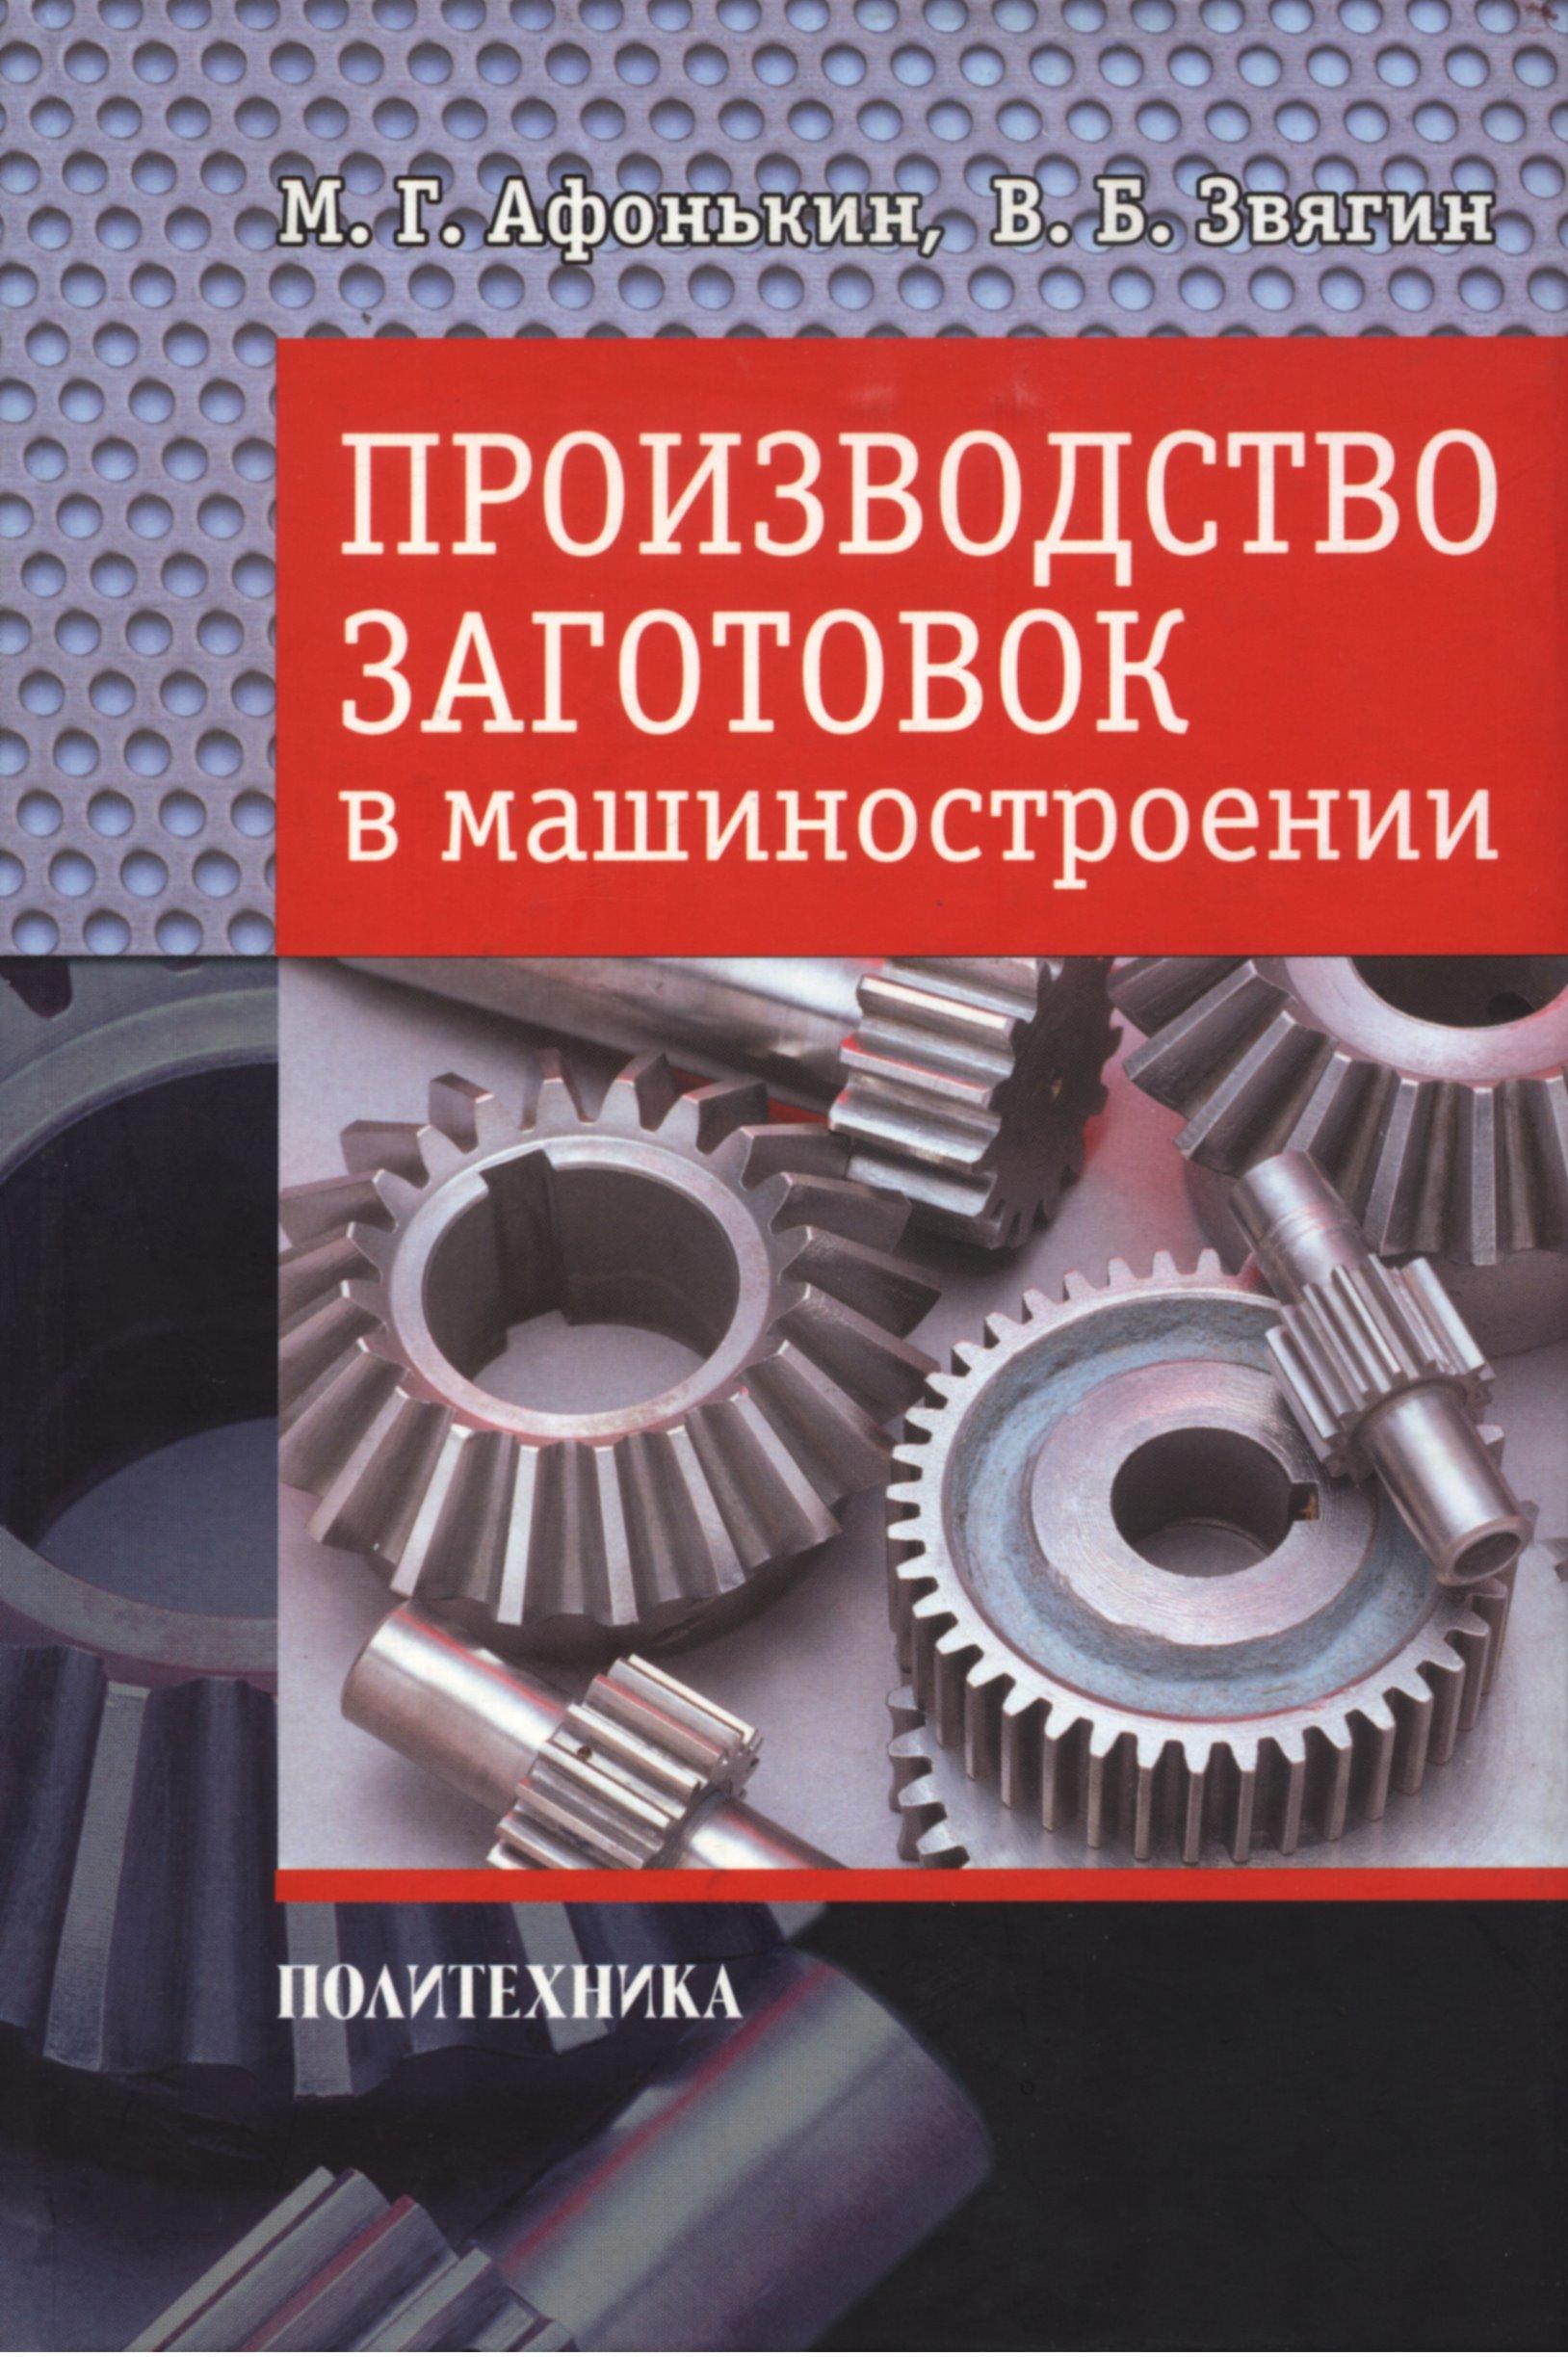 М. Г. Афонькин Производство заготовок в машиностроении афонькин м г производство заготовок в машиностроении